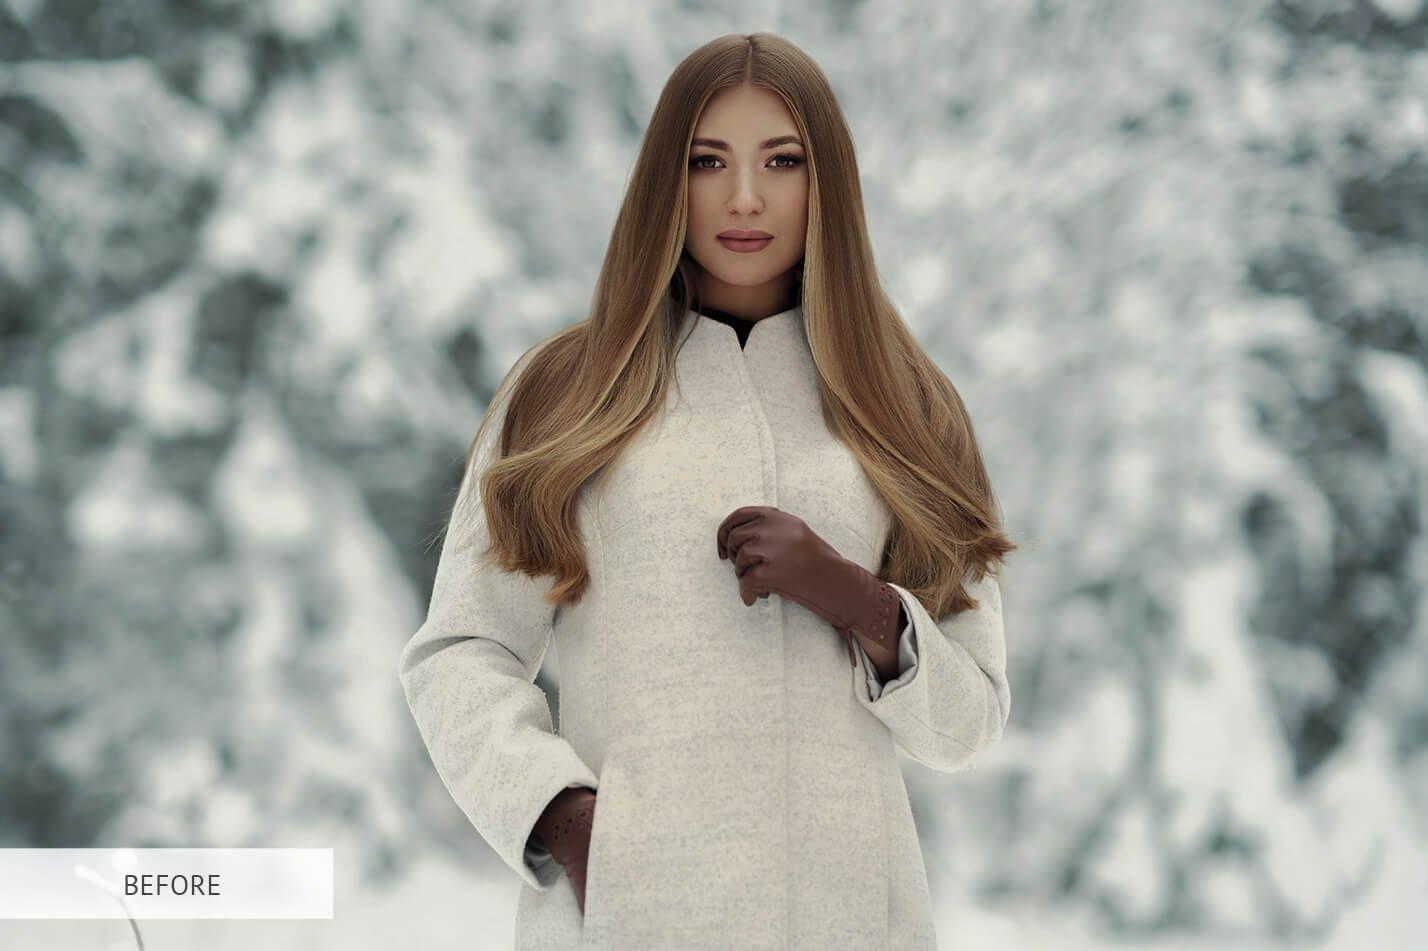 30款高清冬季冰雪PS叠加层背景图片素材 Ice Photoshop Overlays插图(5)